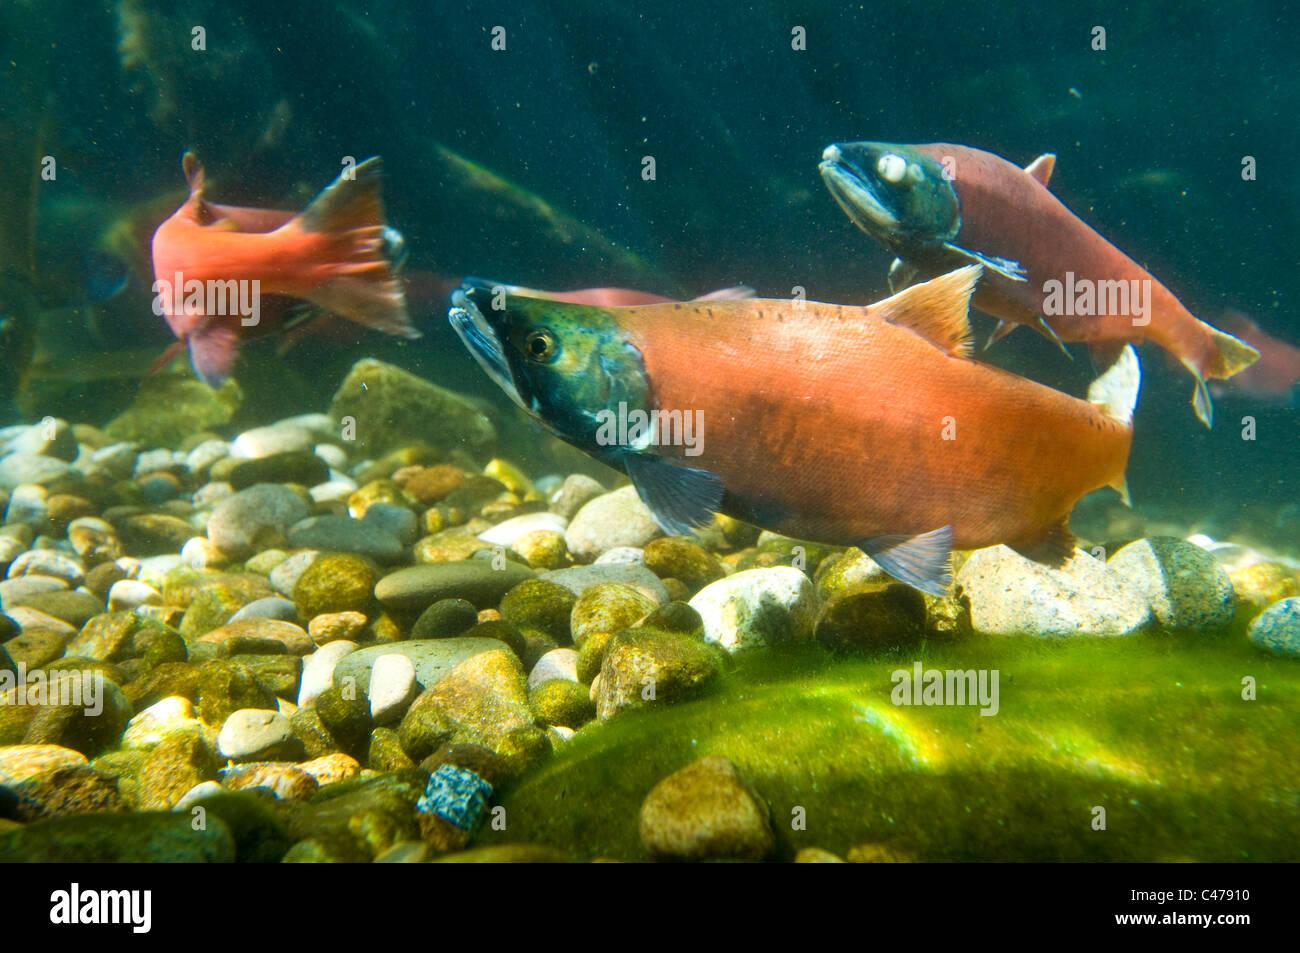 Kokanee (landlocked sockeye salmon) in spawning colors - Stock Image